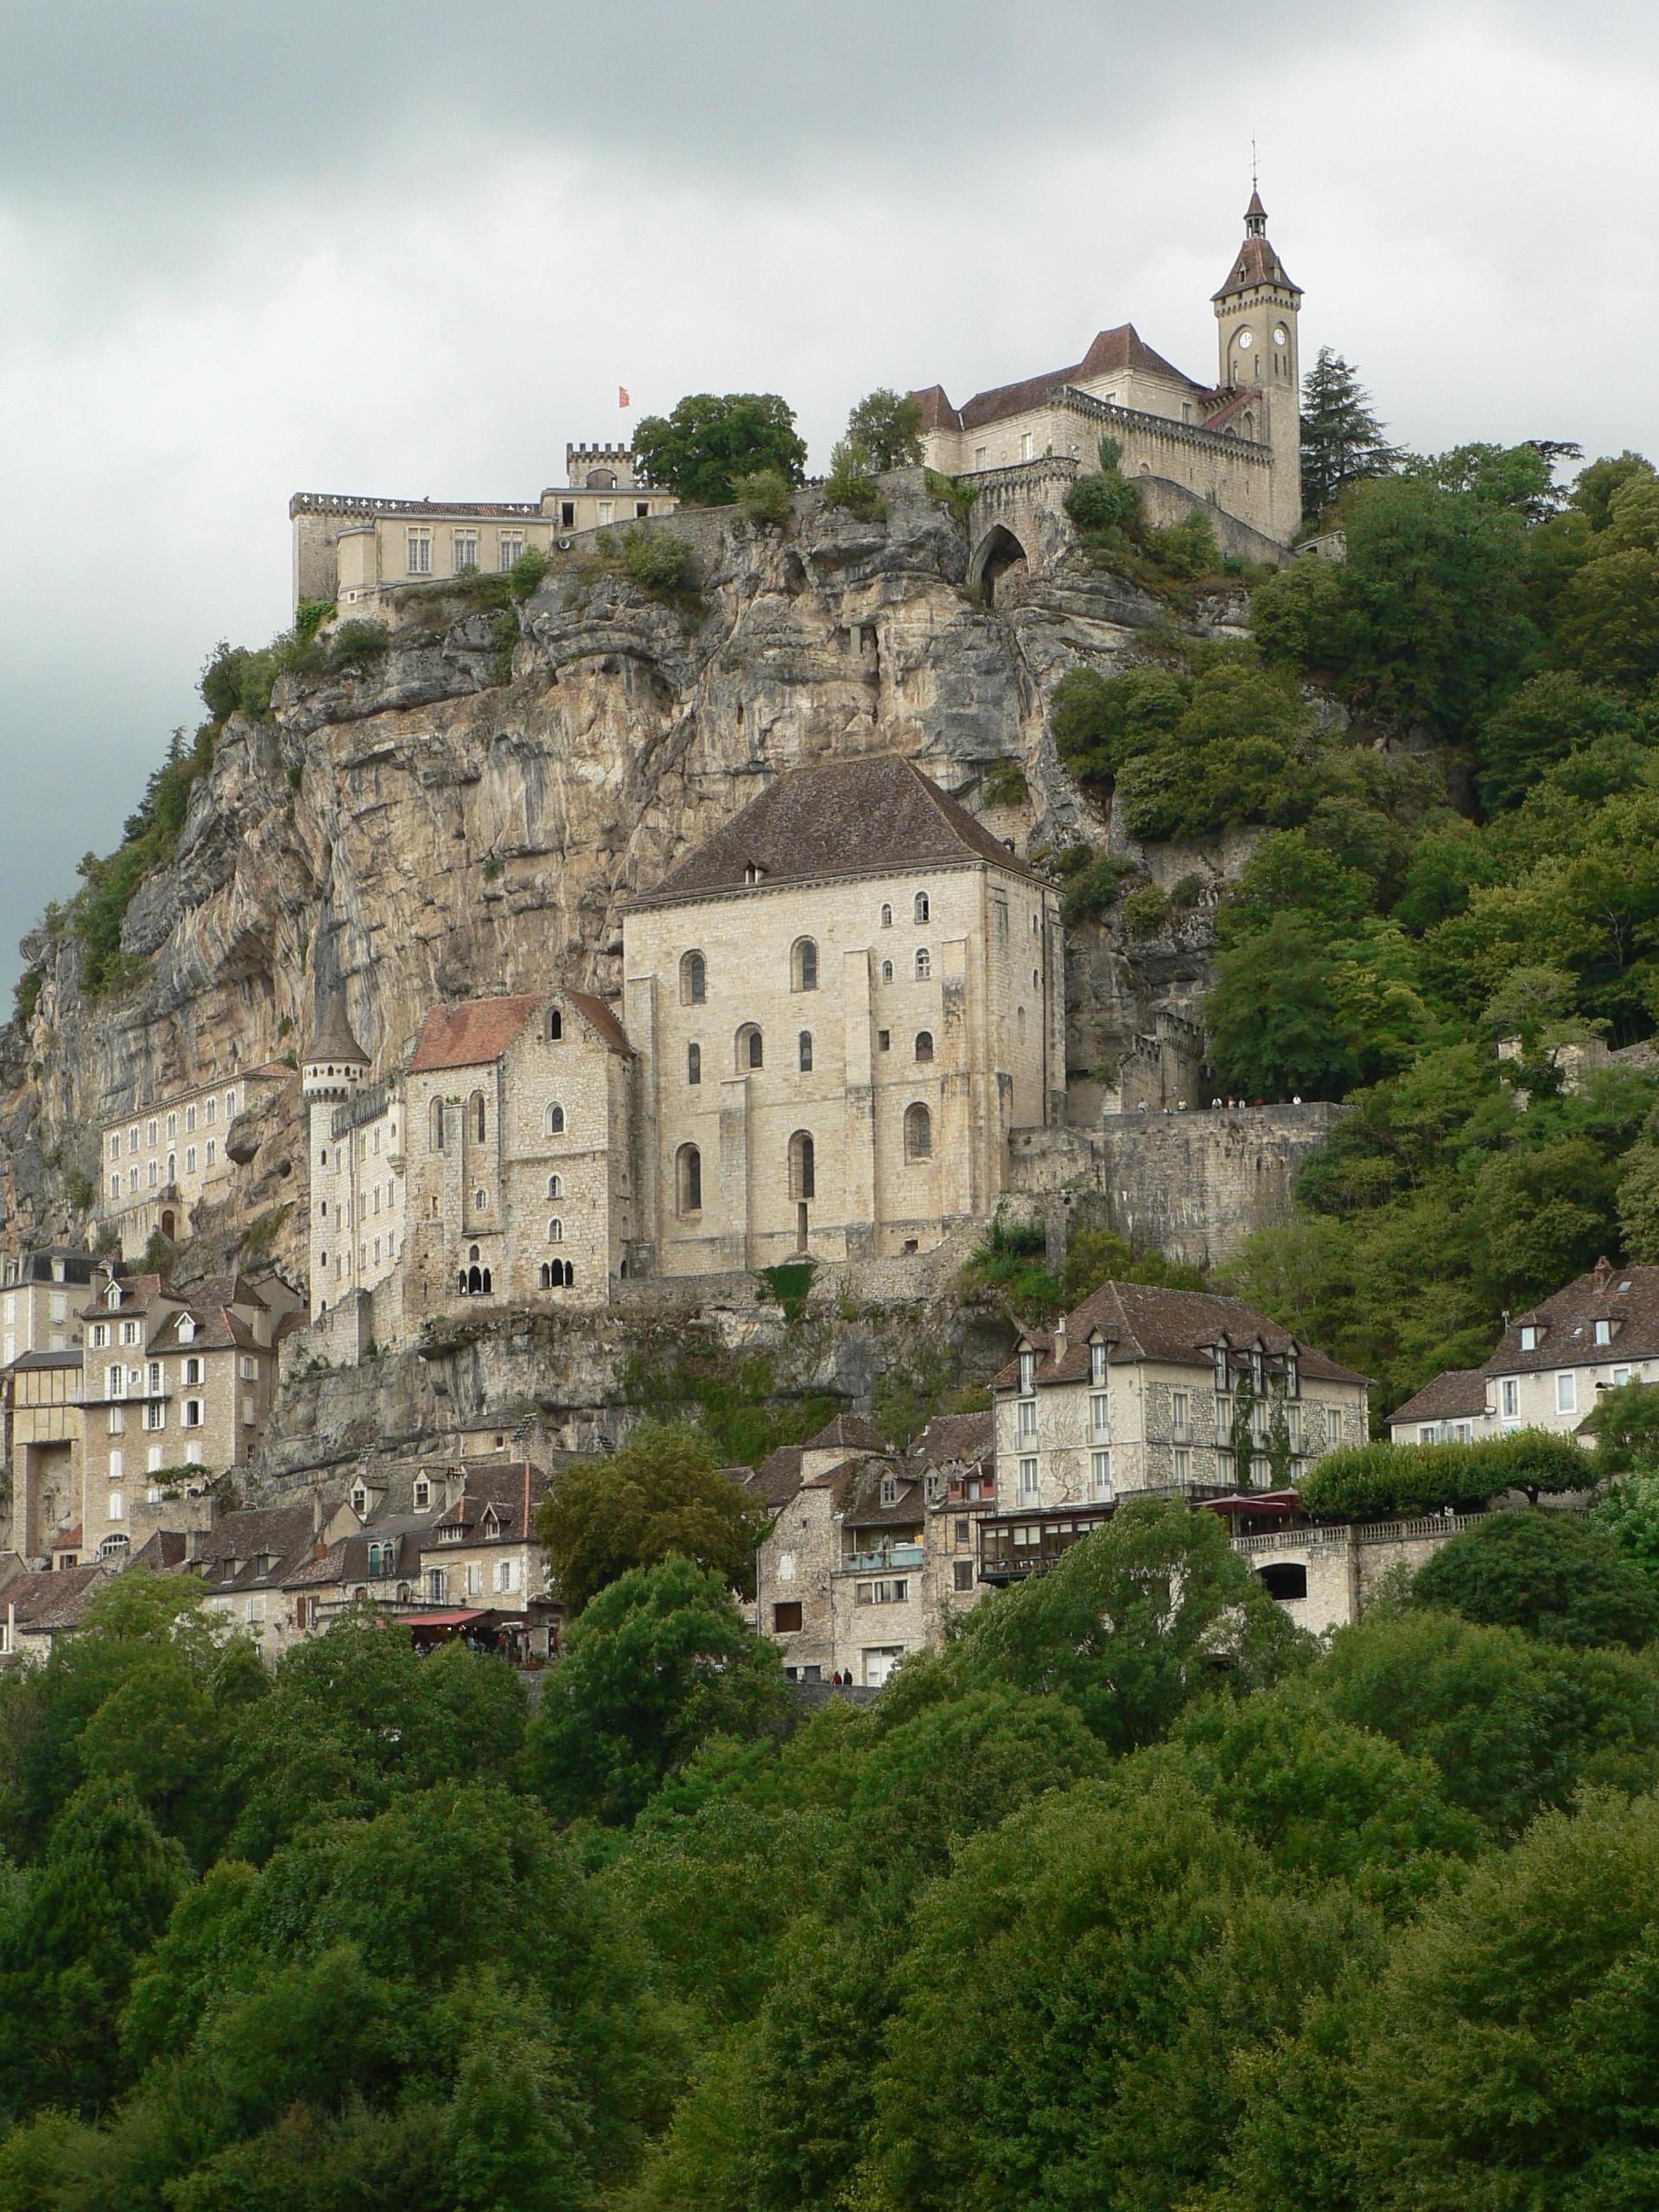 Rocamadour (France) vue générale par temps gris